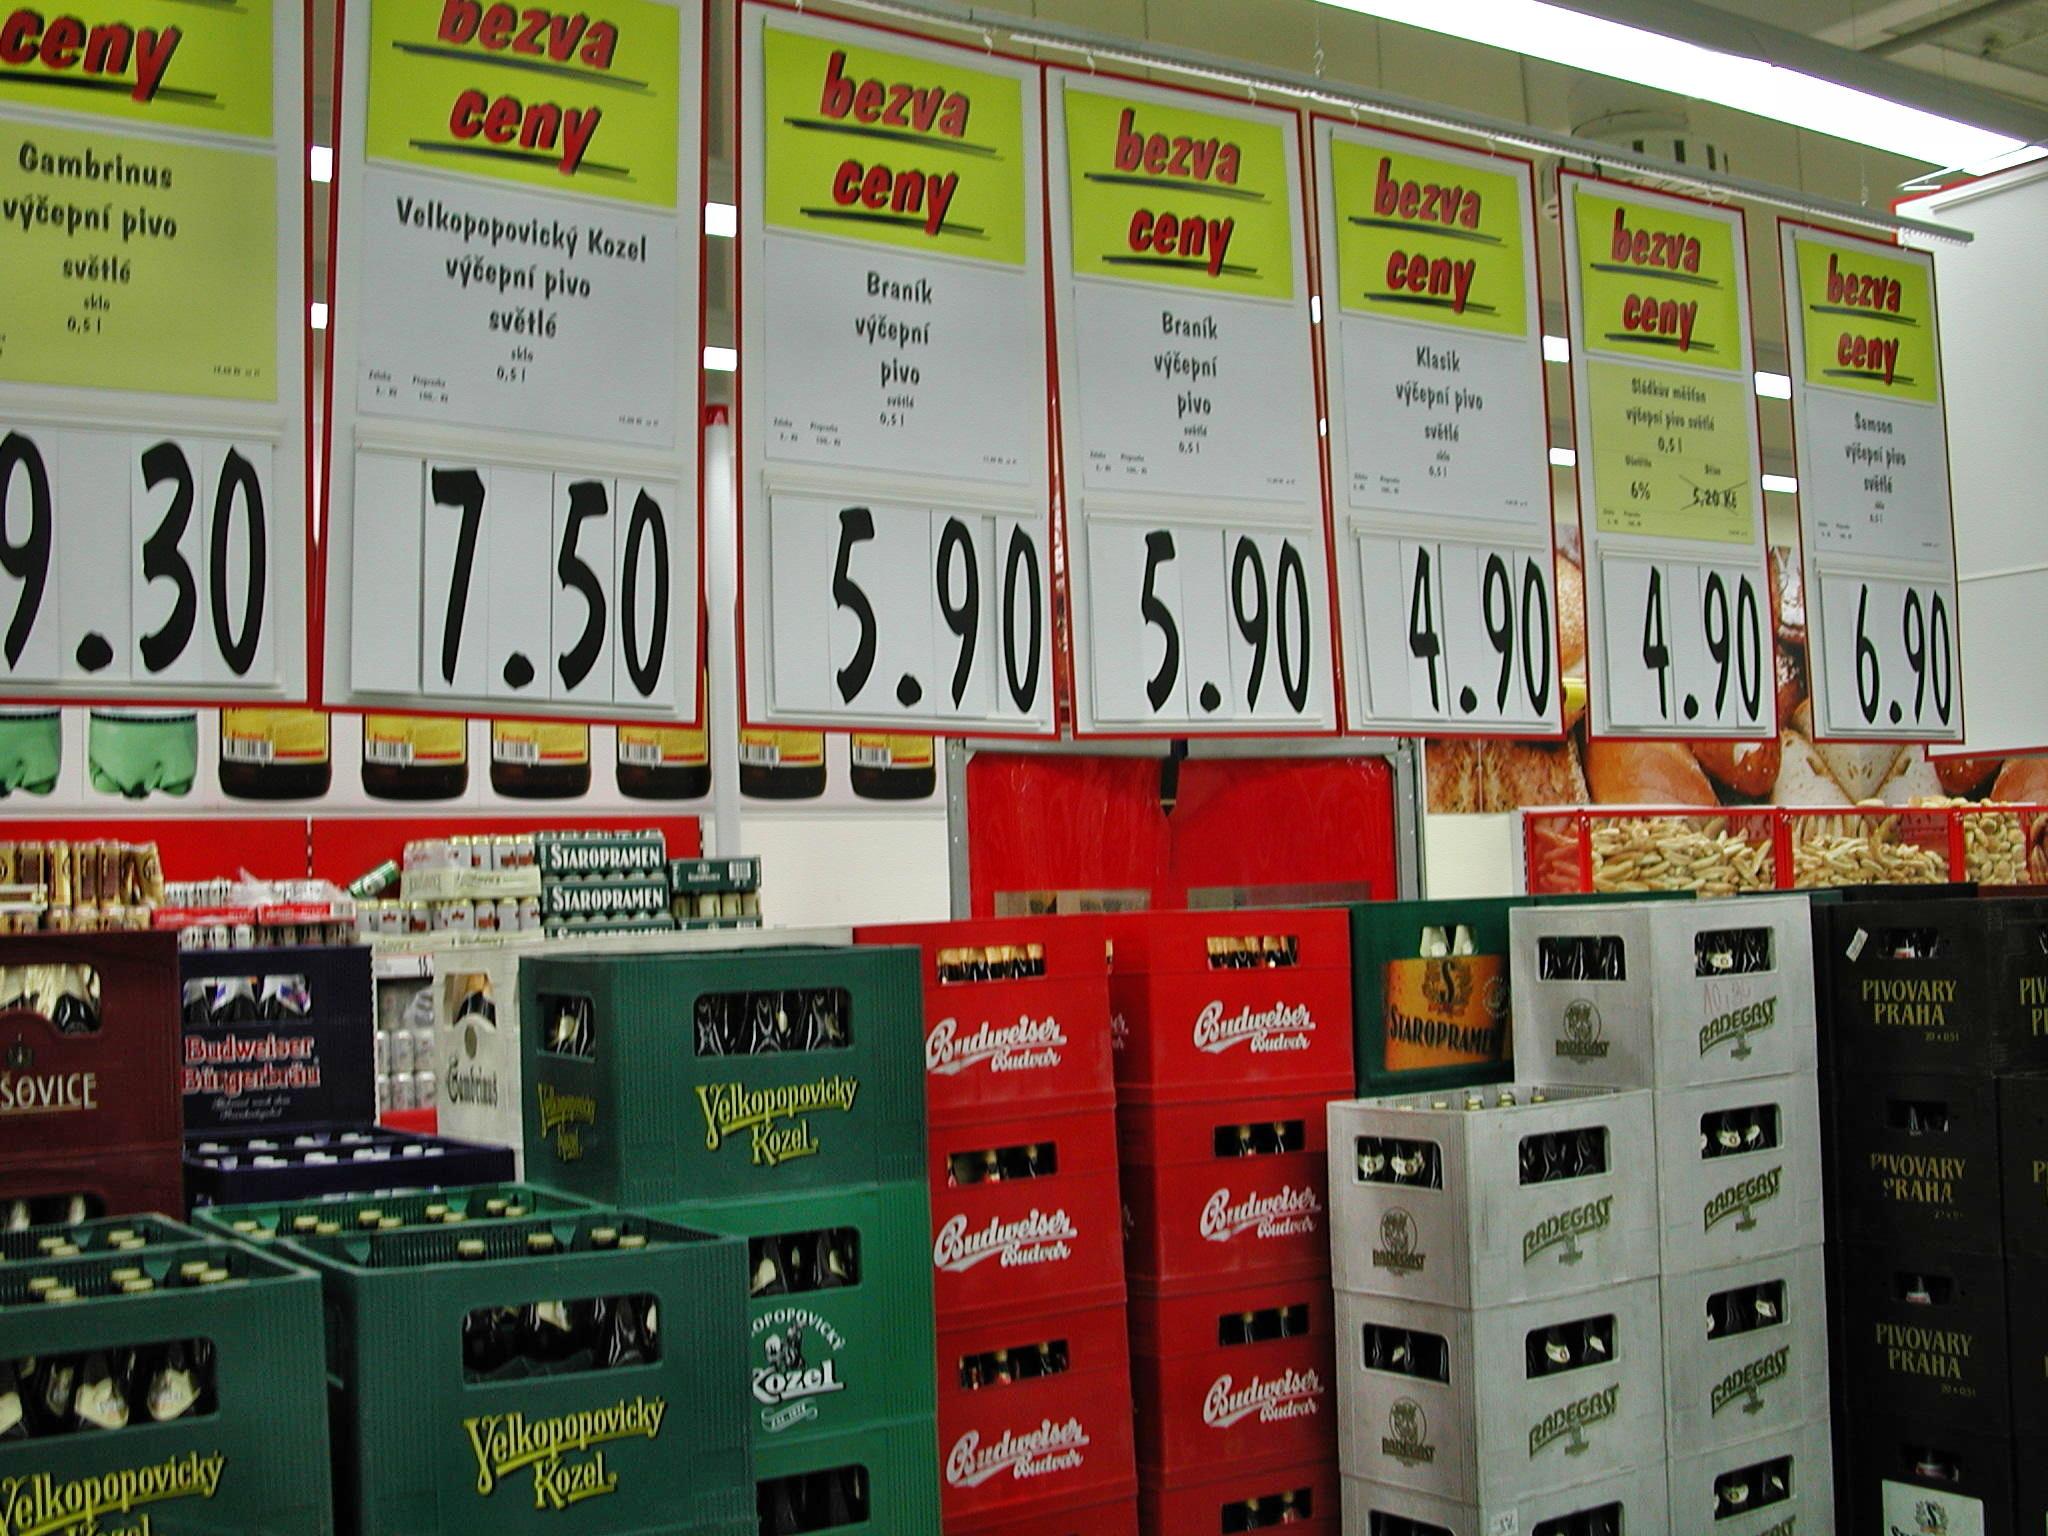 beer-prices-1.jpeg